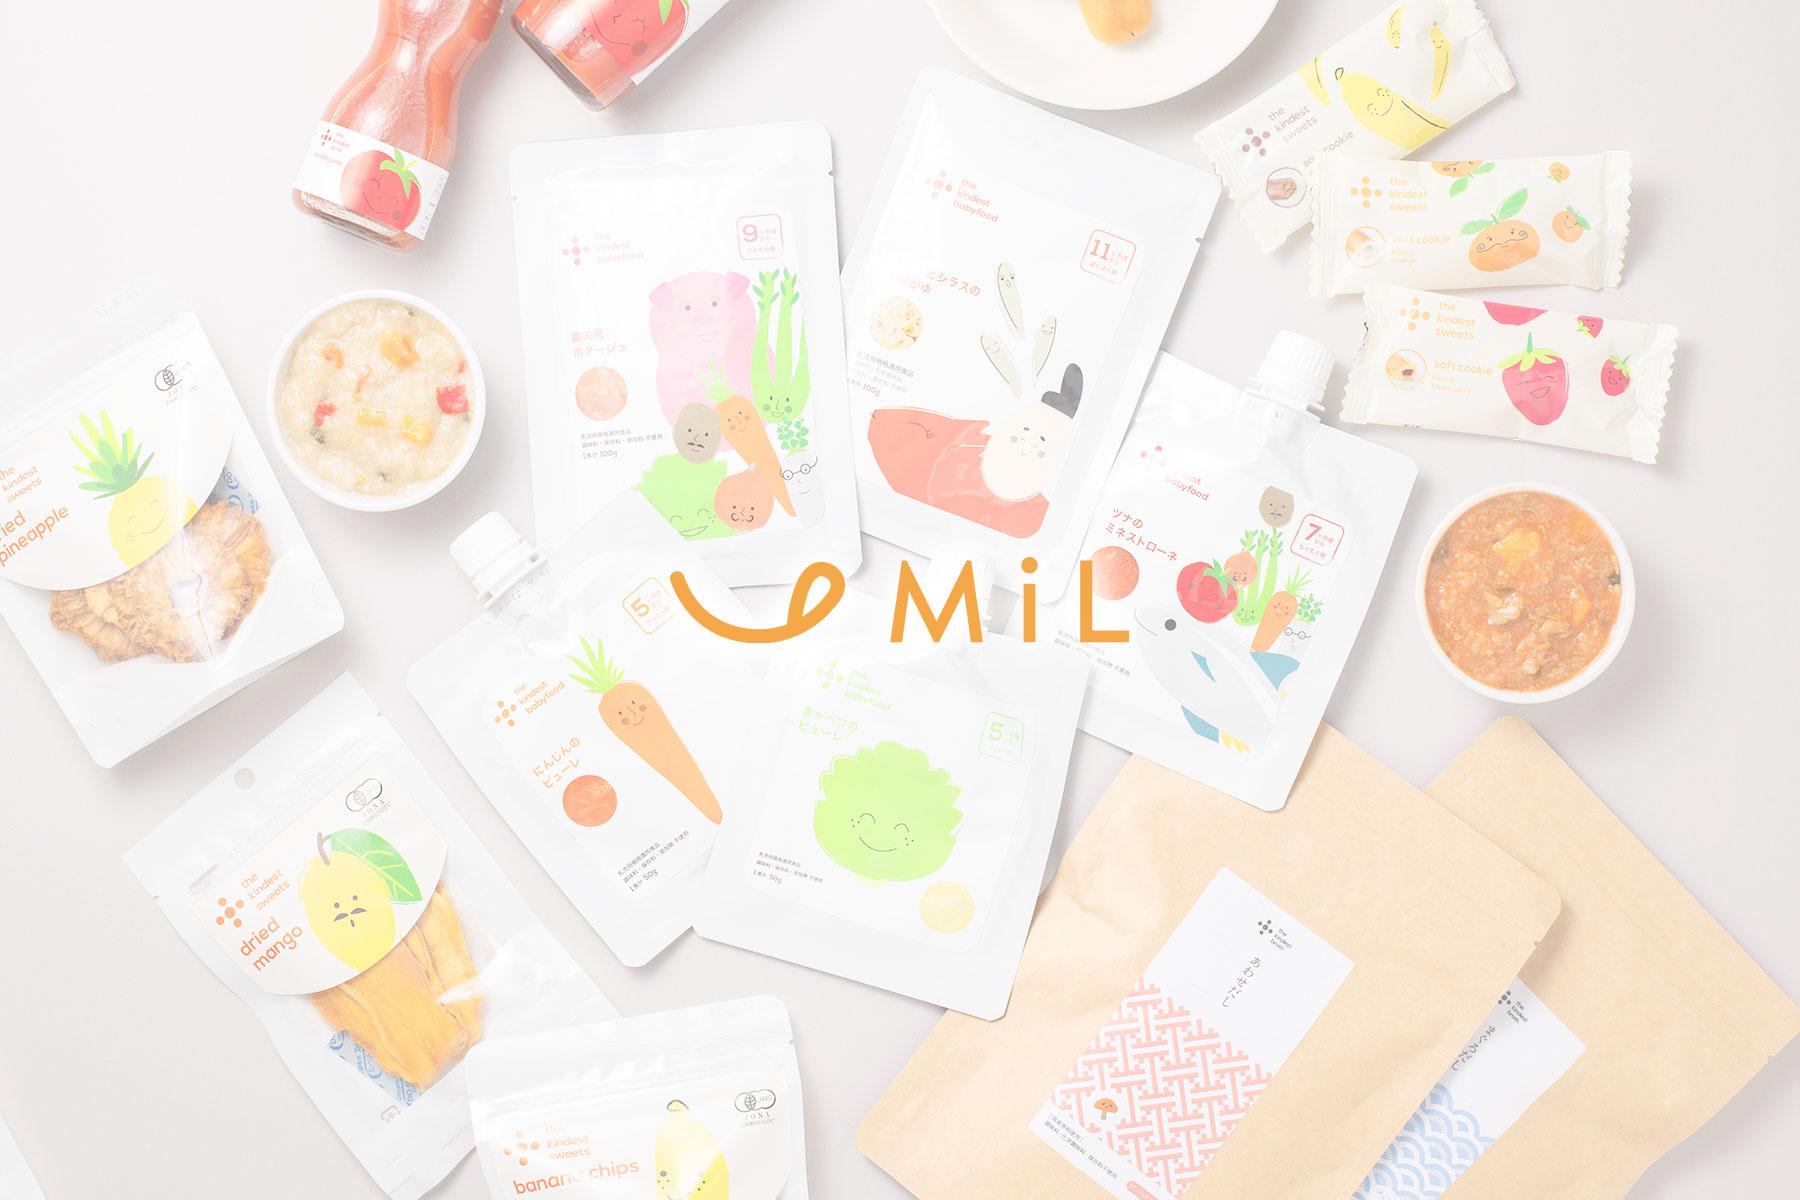 株式会社MiLのトップ画像